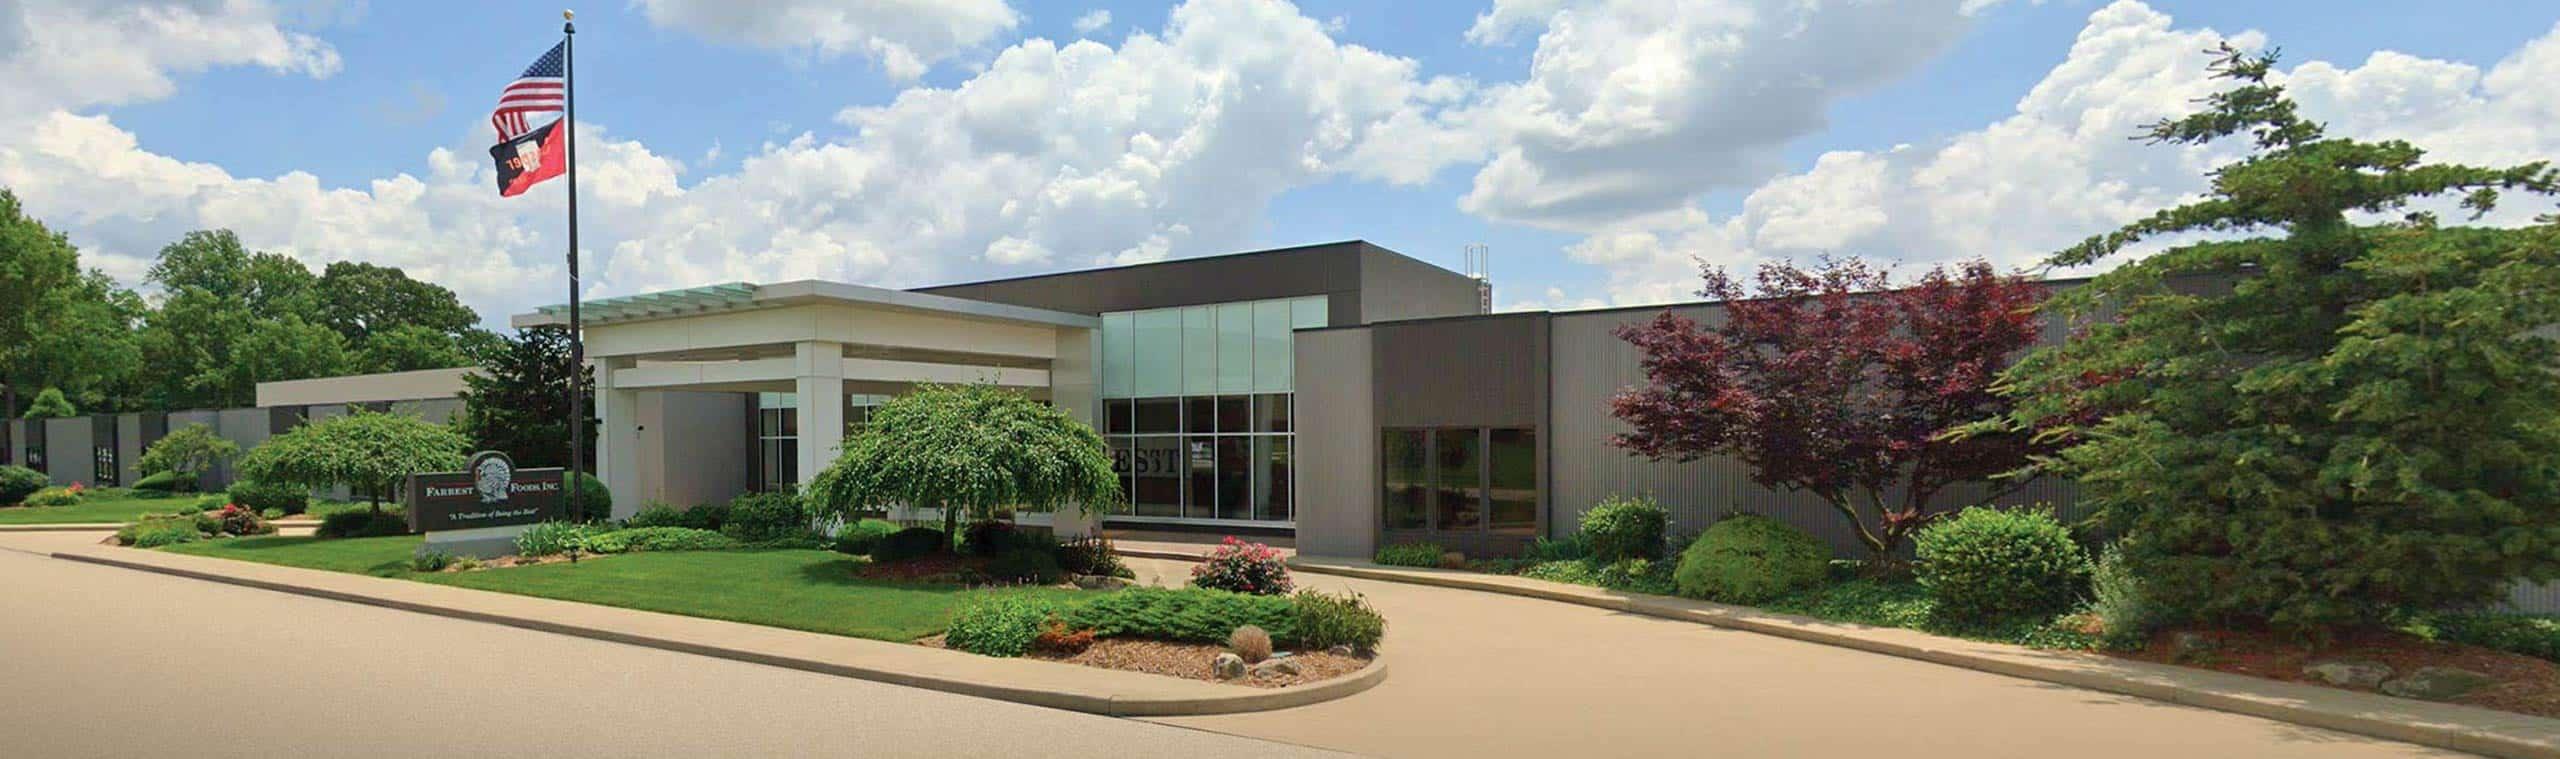 Farbest Corporate Headquarters Exterior